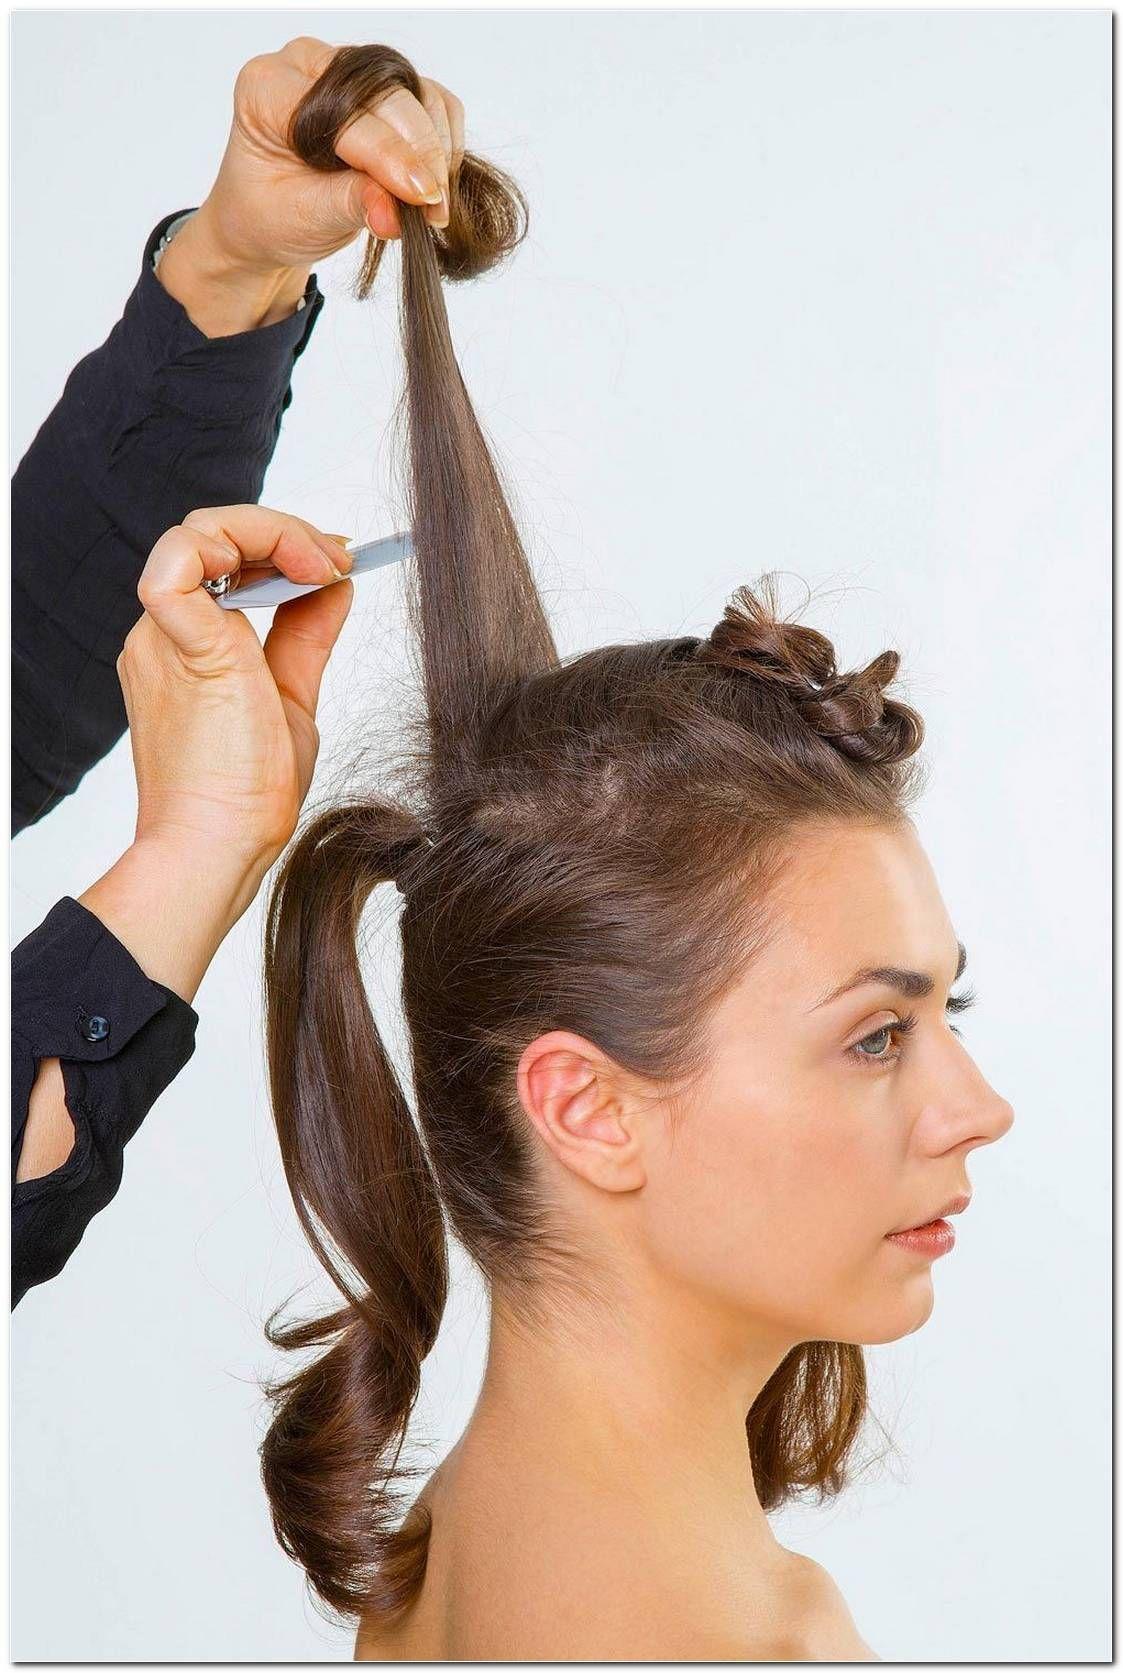 Sehr Kurzes Haar Fur Frauen In 2020 Frisur Audrey Hepburn Kurze Haare Frauen Frisuren